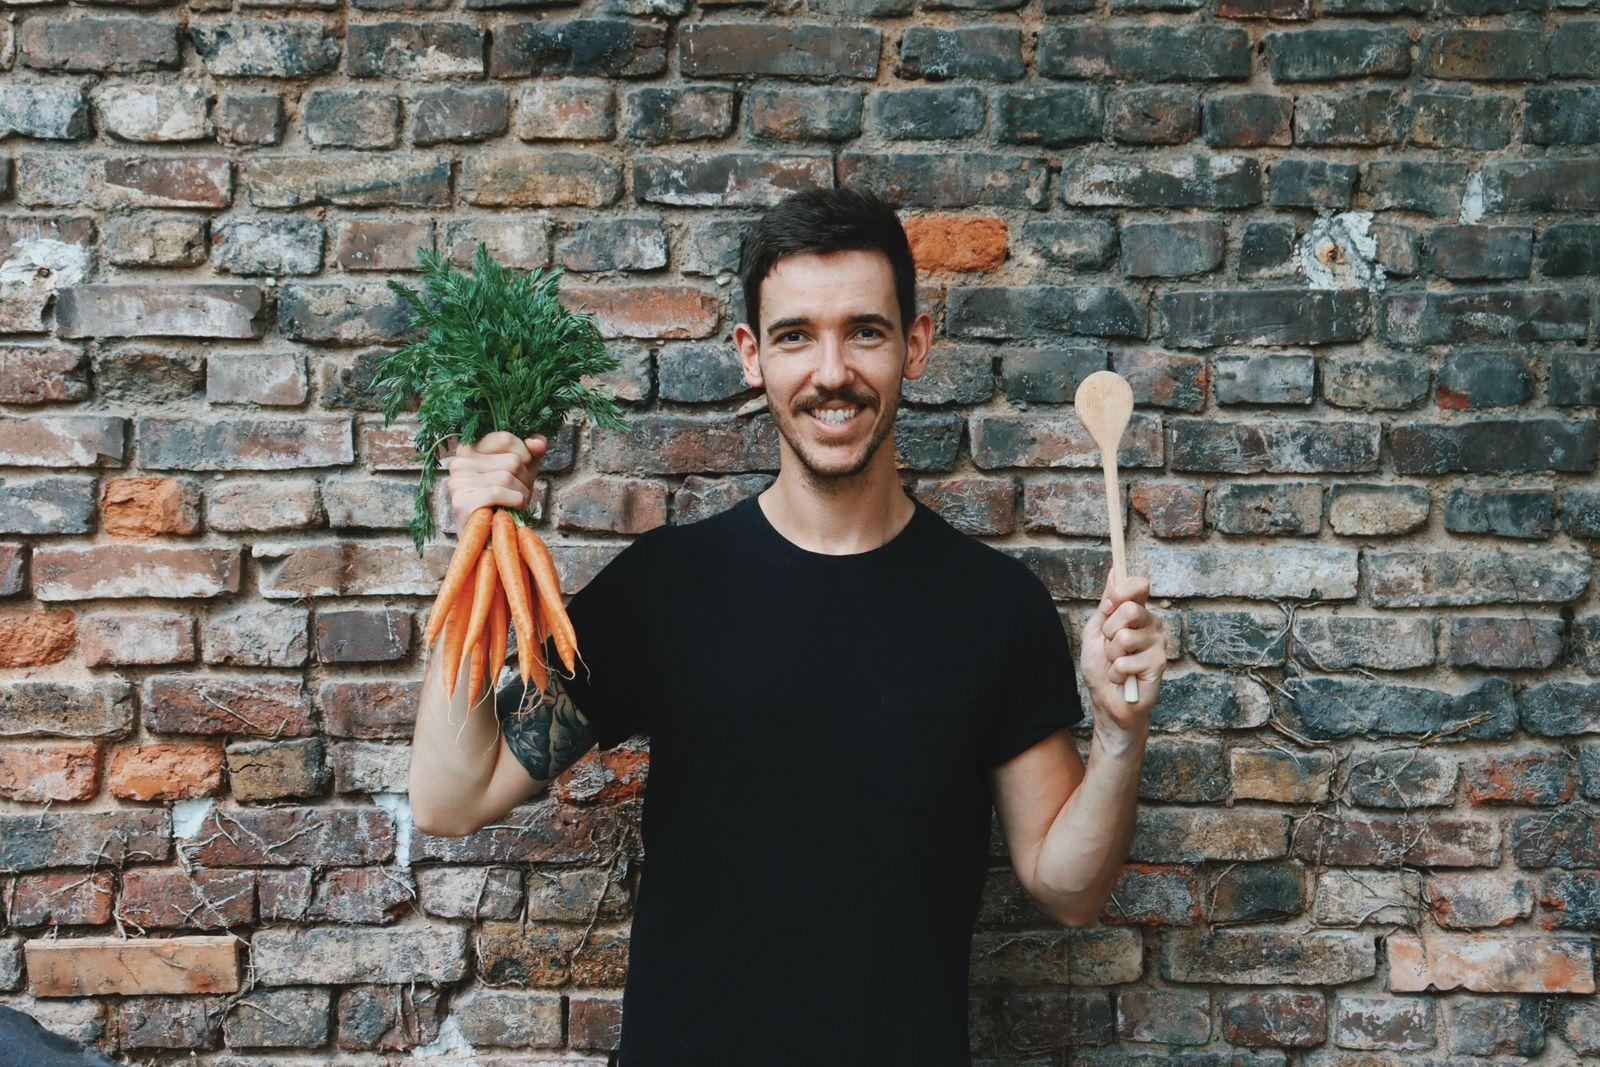 Dan mit Karotte und Kochlöffel